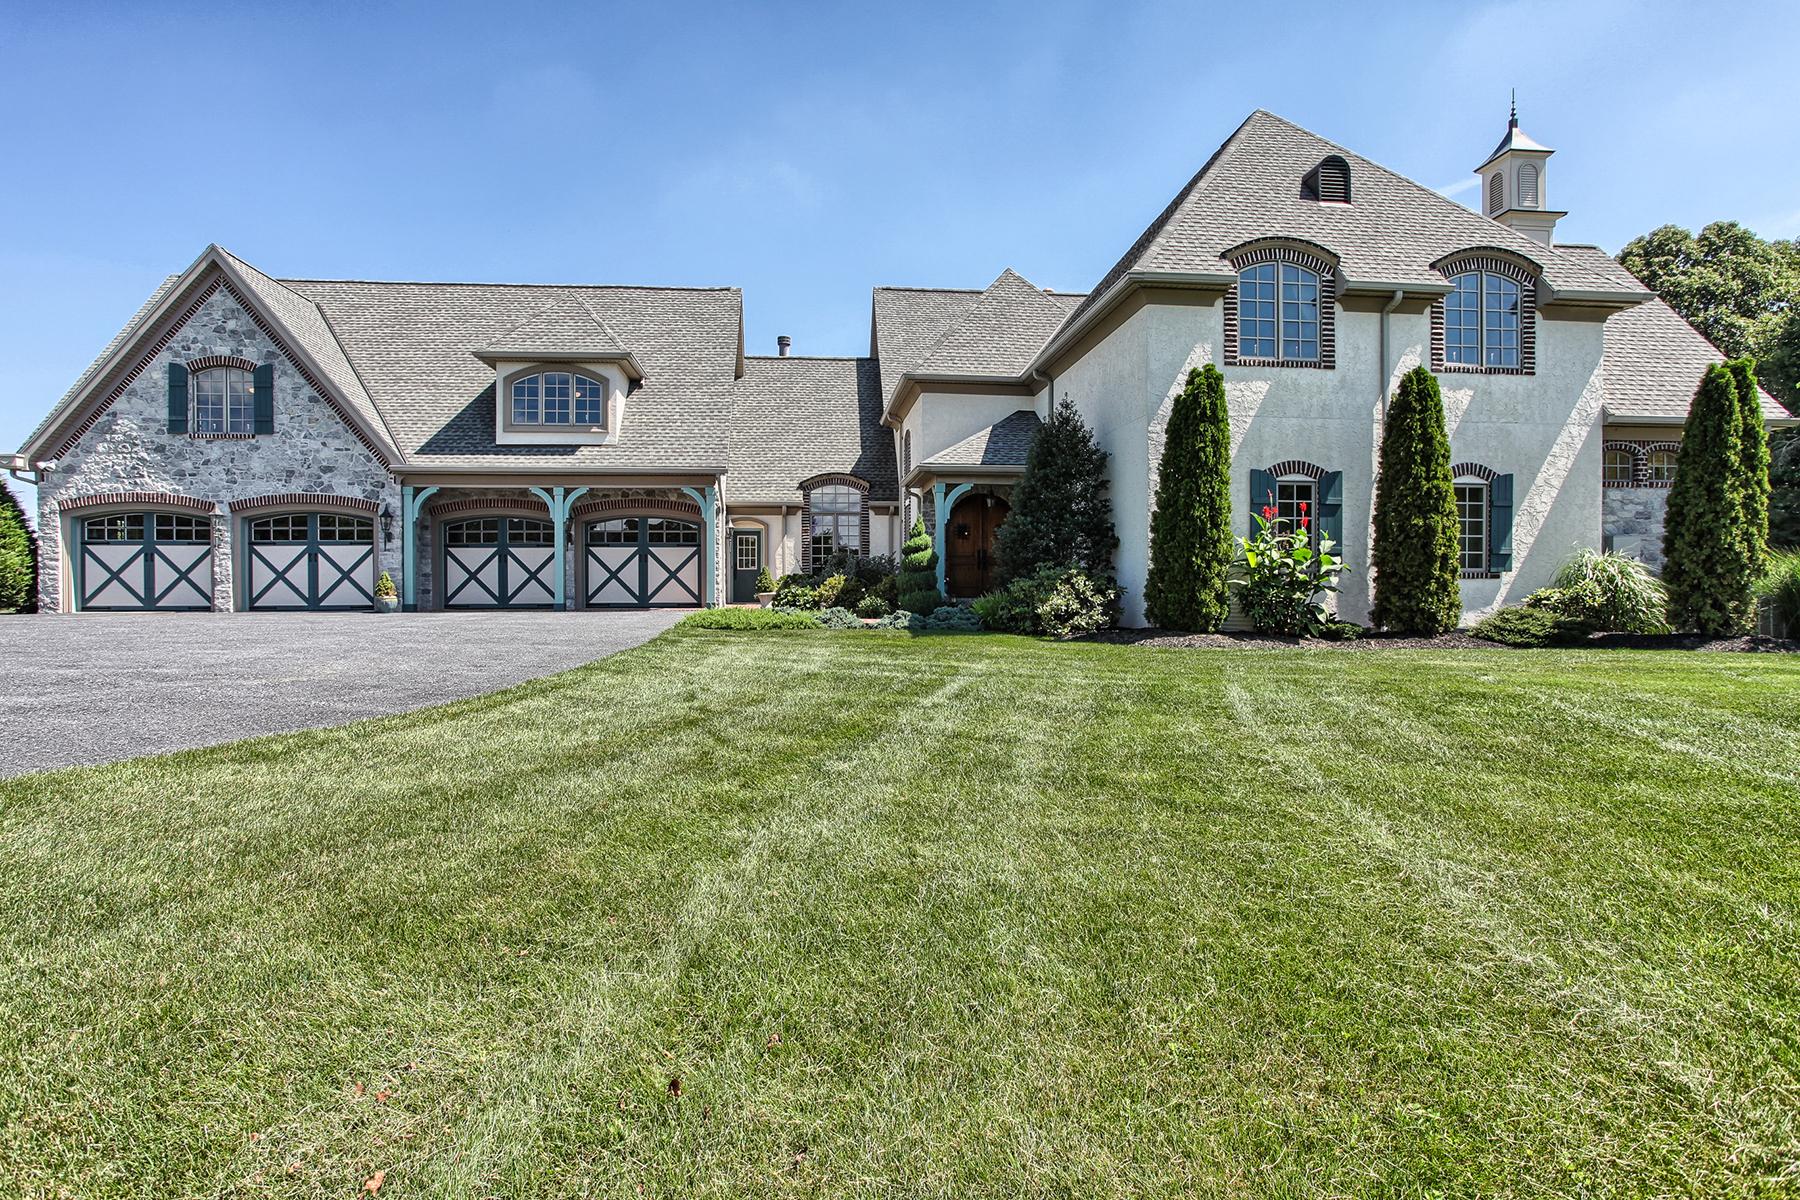 独户住宅 为 销售 在 1383 AV Acri 1383 AV Acri Road 哈里斯堡, 17112 美国